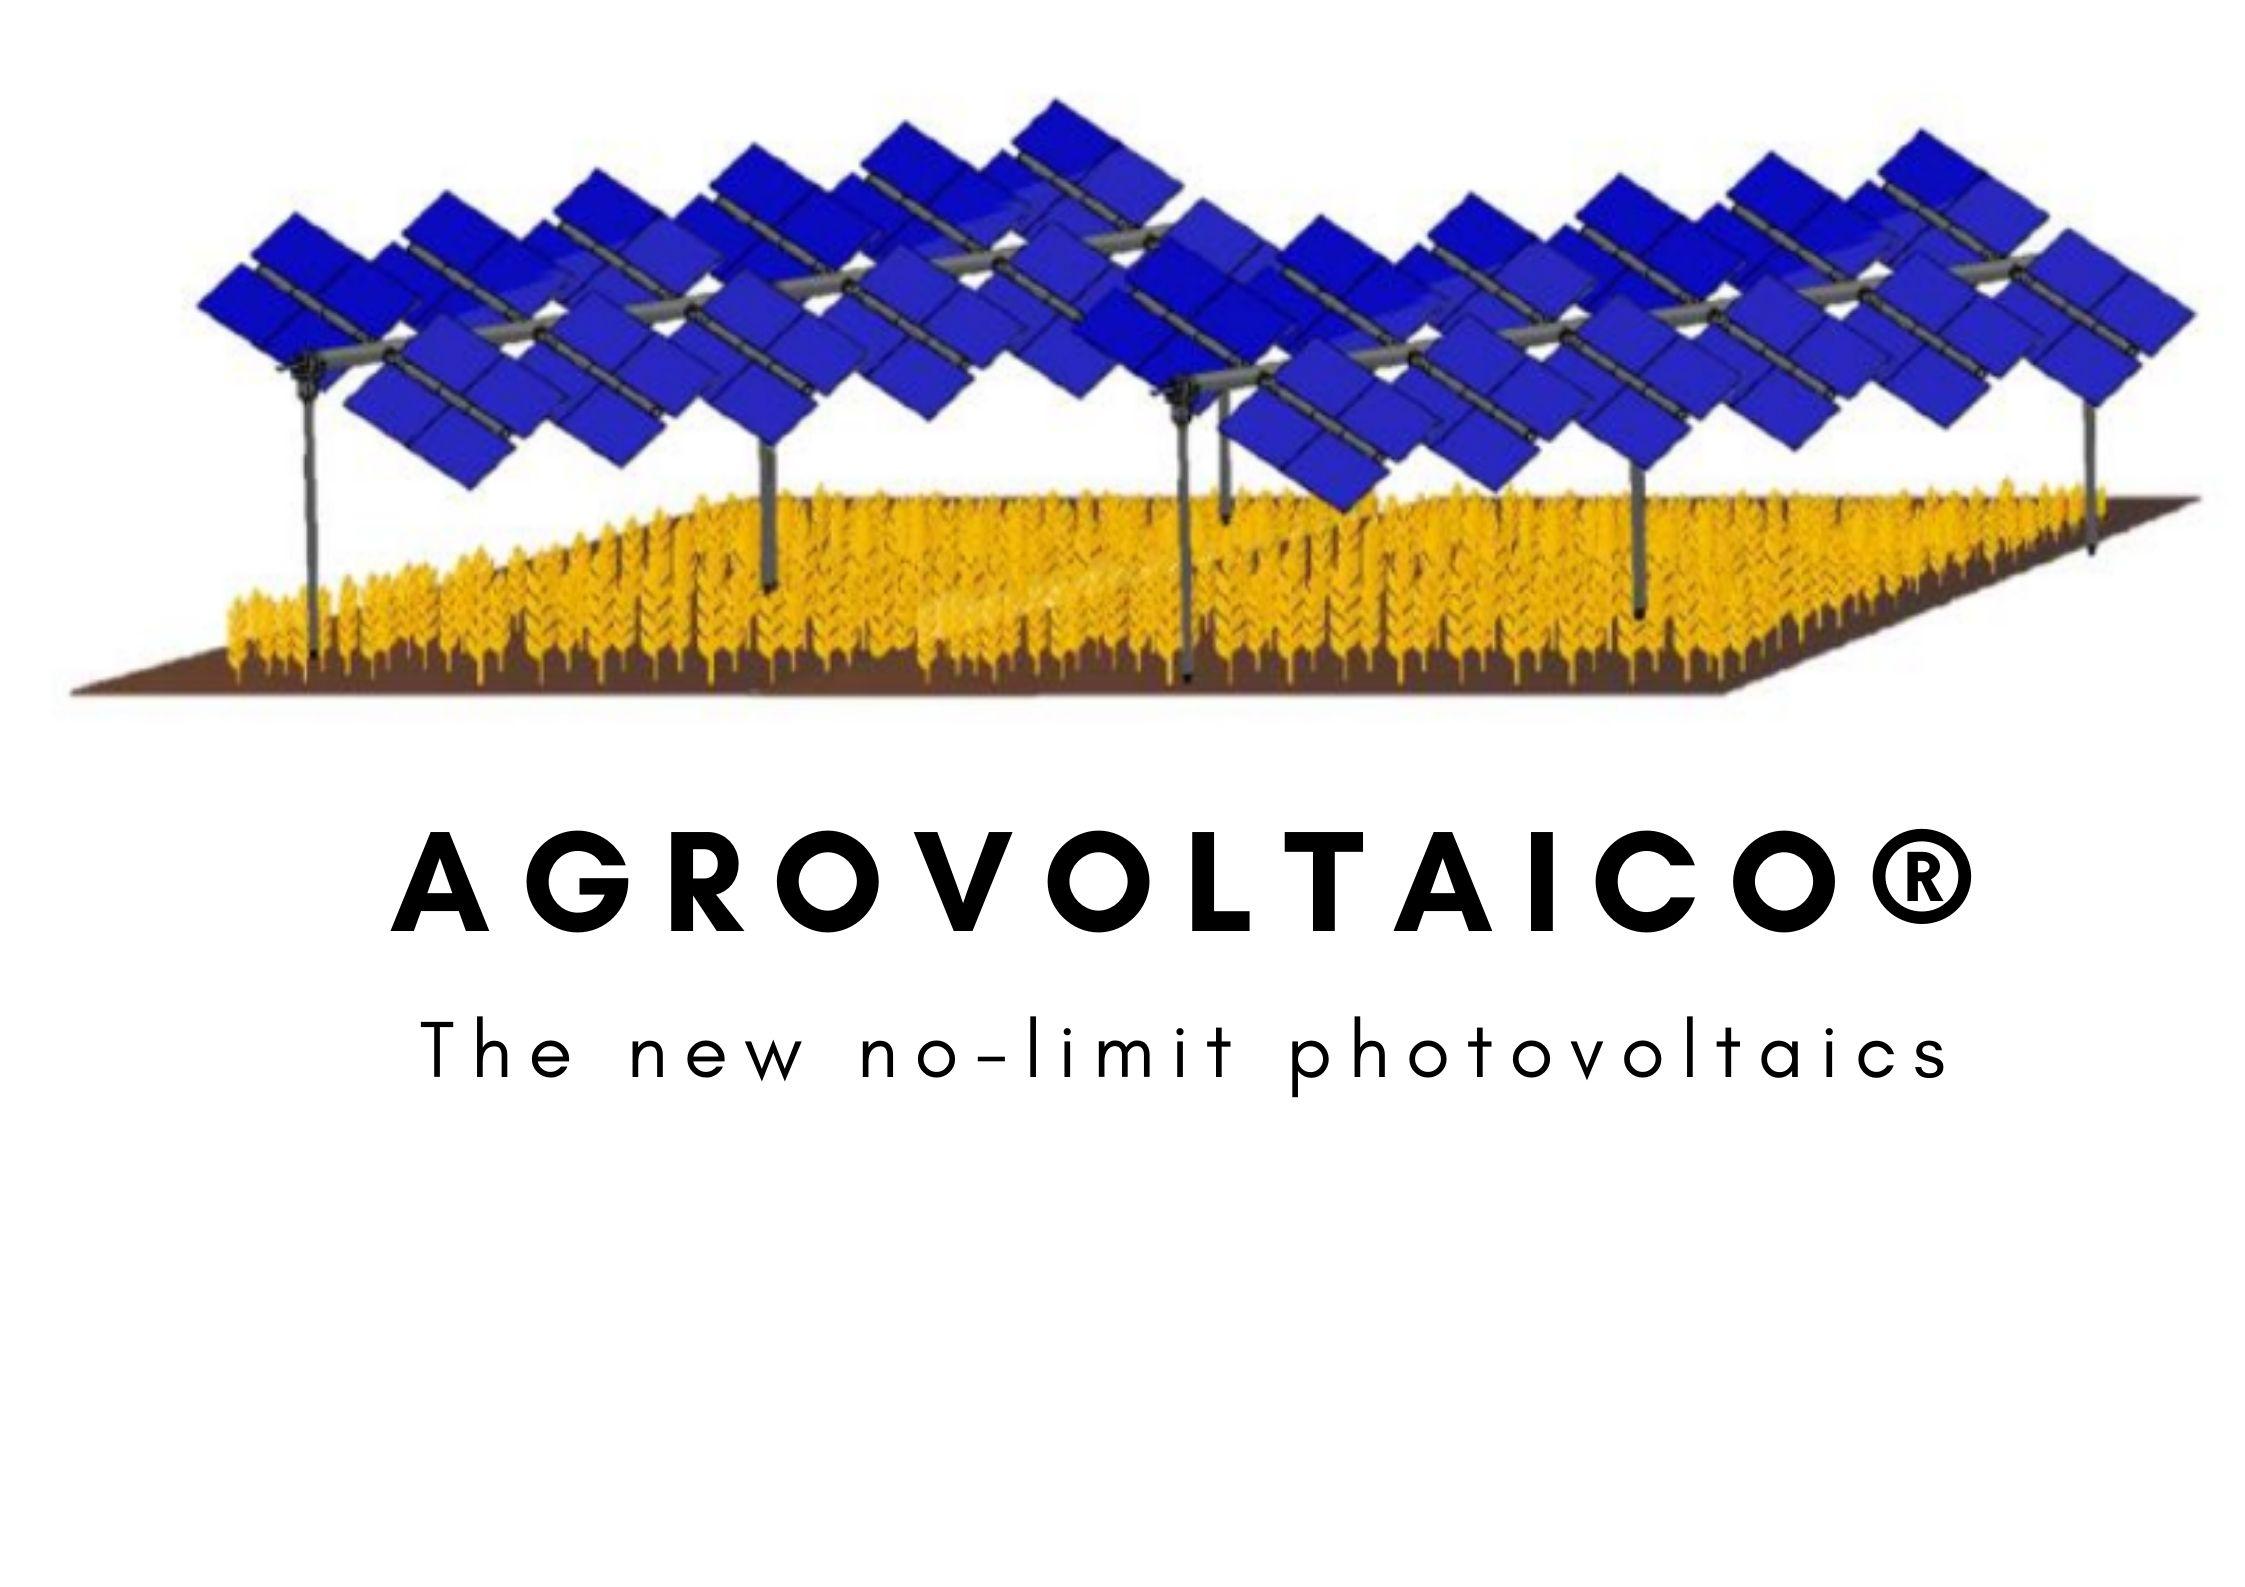 Agrovoltaico®